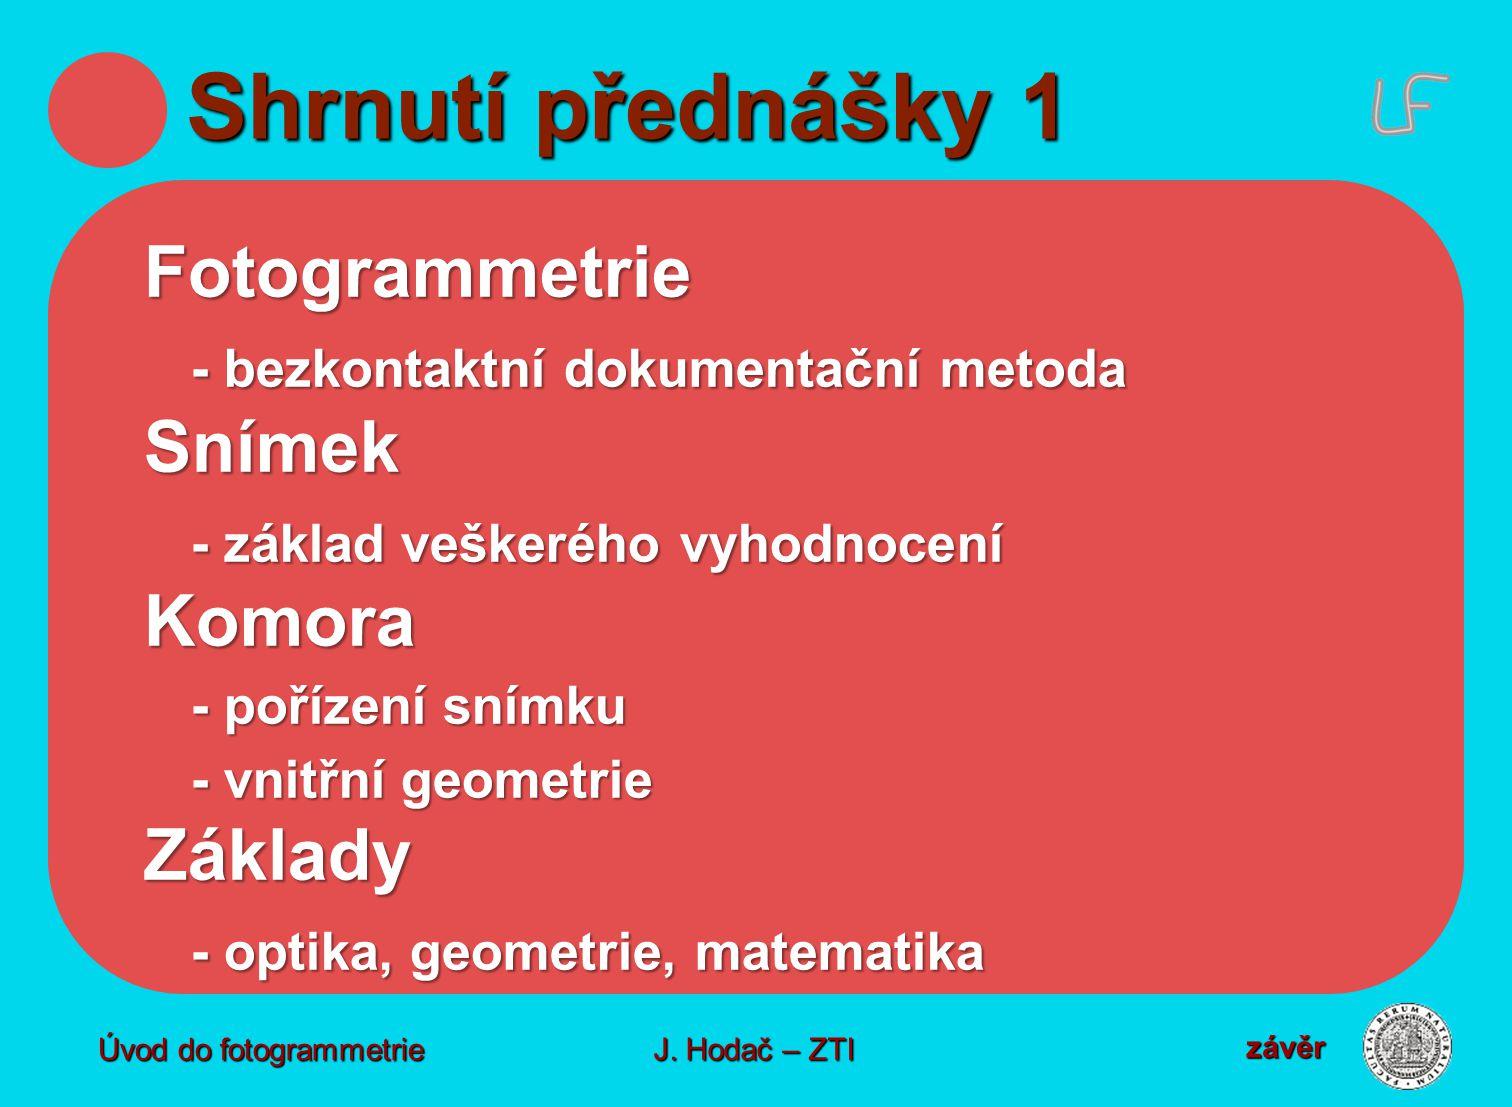 Úvod do fotogrammetrie J. Hodač – ZTI Shrnutí přednášky 1 Fotogrammetrie - bezkontaktní dokumentační metoda Snímek - základ veškerého vyhodnocení Komo